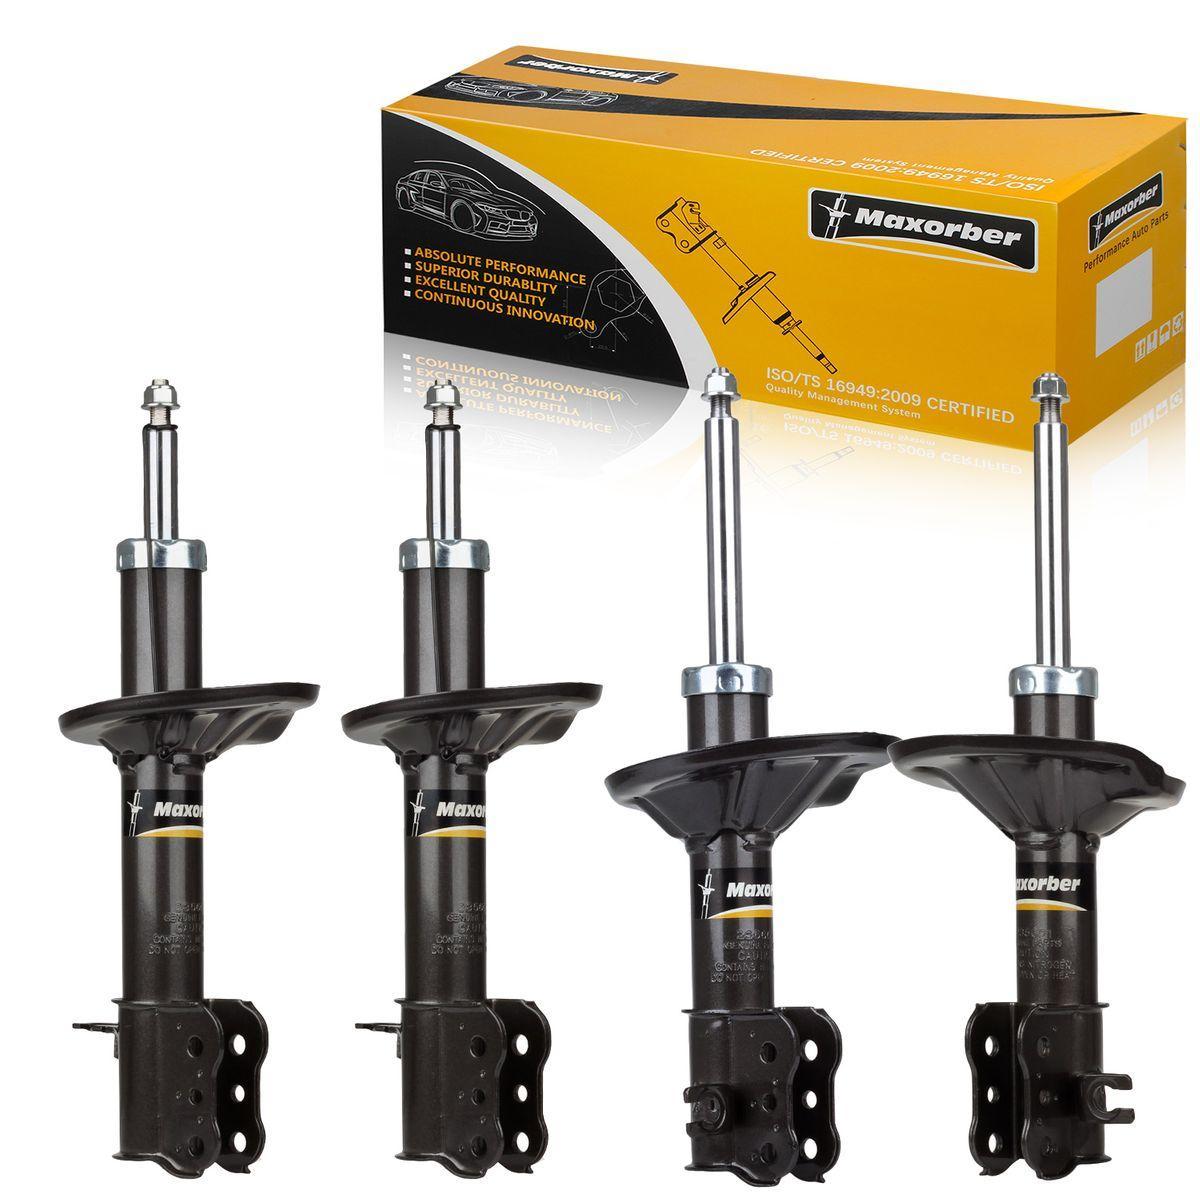 For Mazda MX-6 & 626 Ford Probe Full Kit Shocks Struts